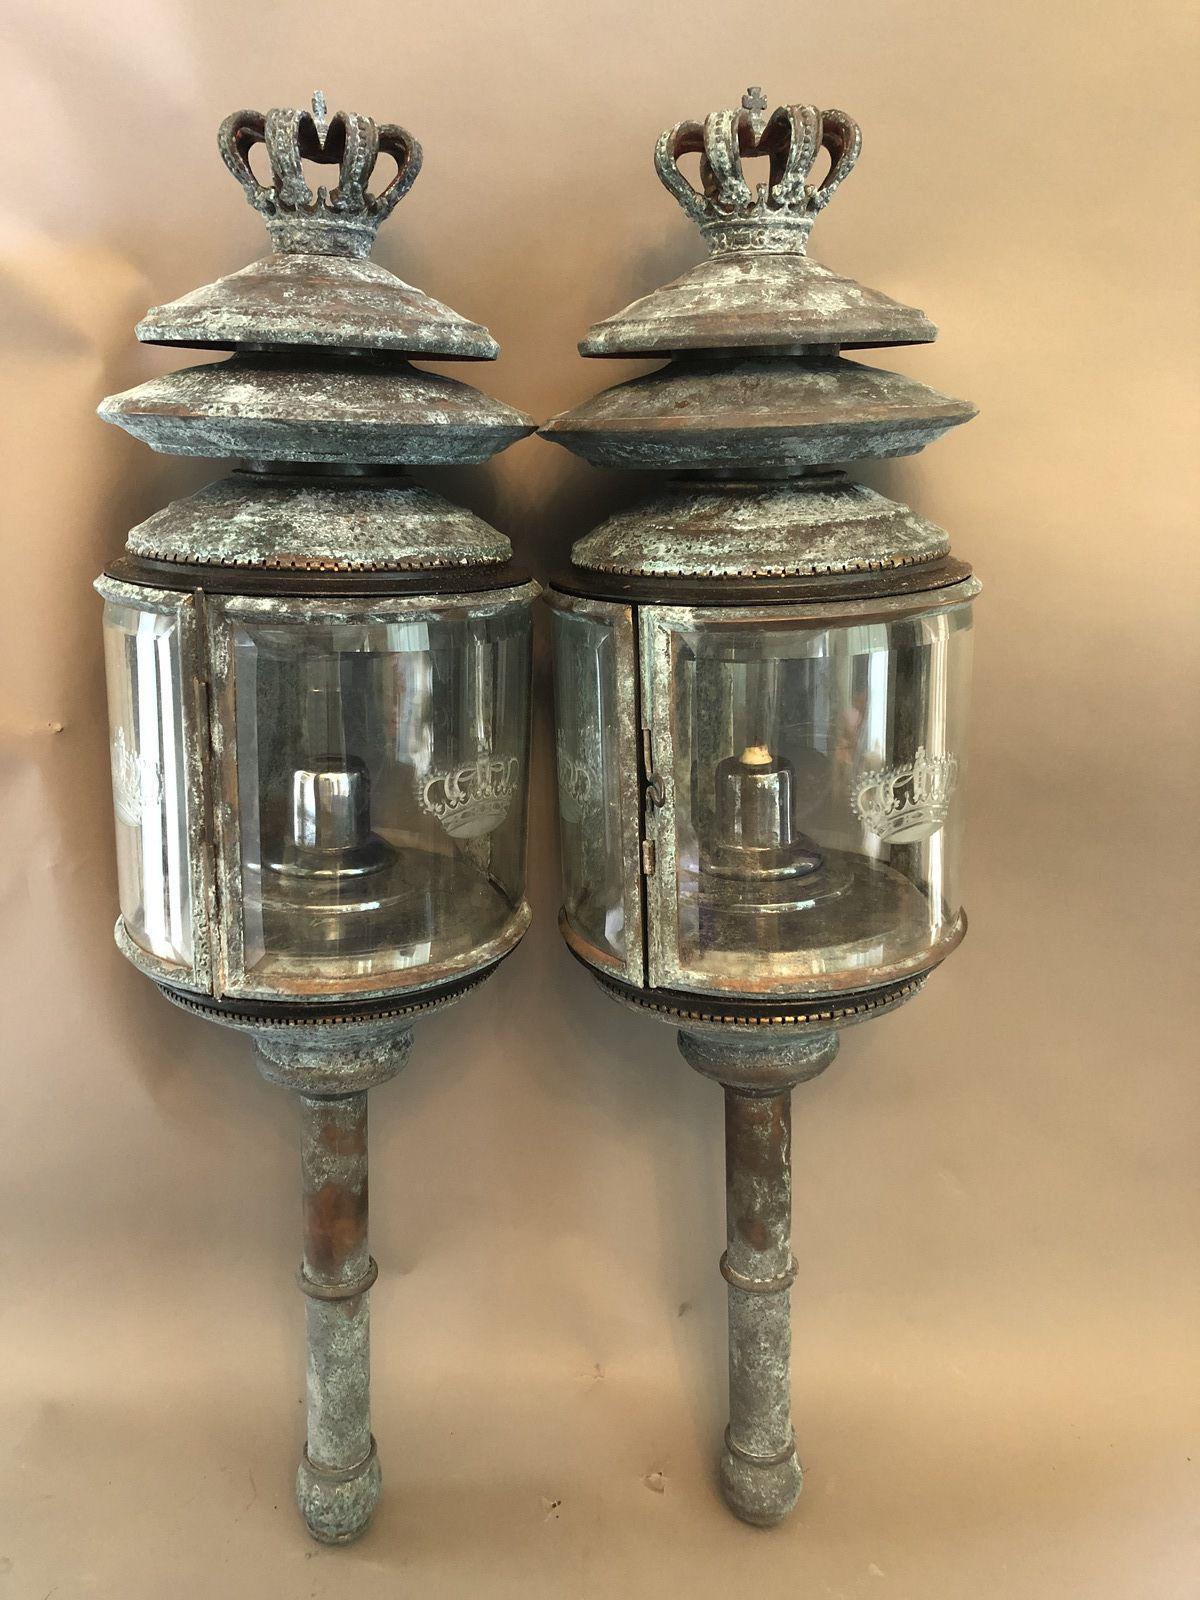 Paire de lanternes de gala  en métal anciennement doré, les verres lobés et biseautés, gravés d'une couronne à 5 branches. Hauteur 85cm